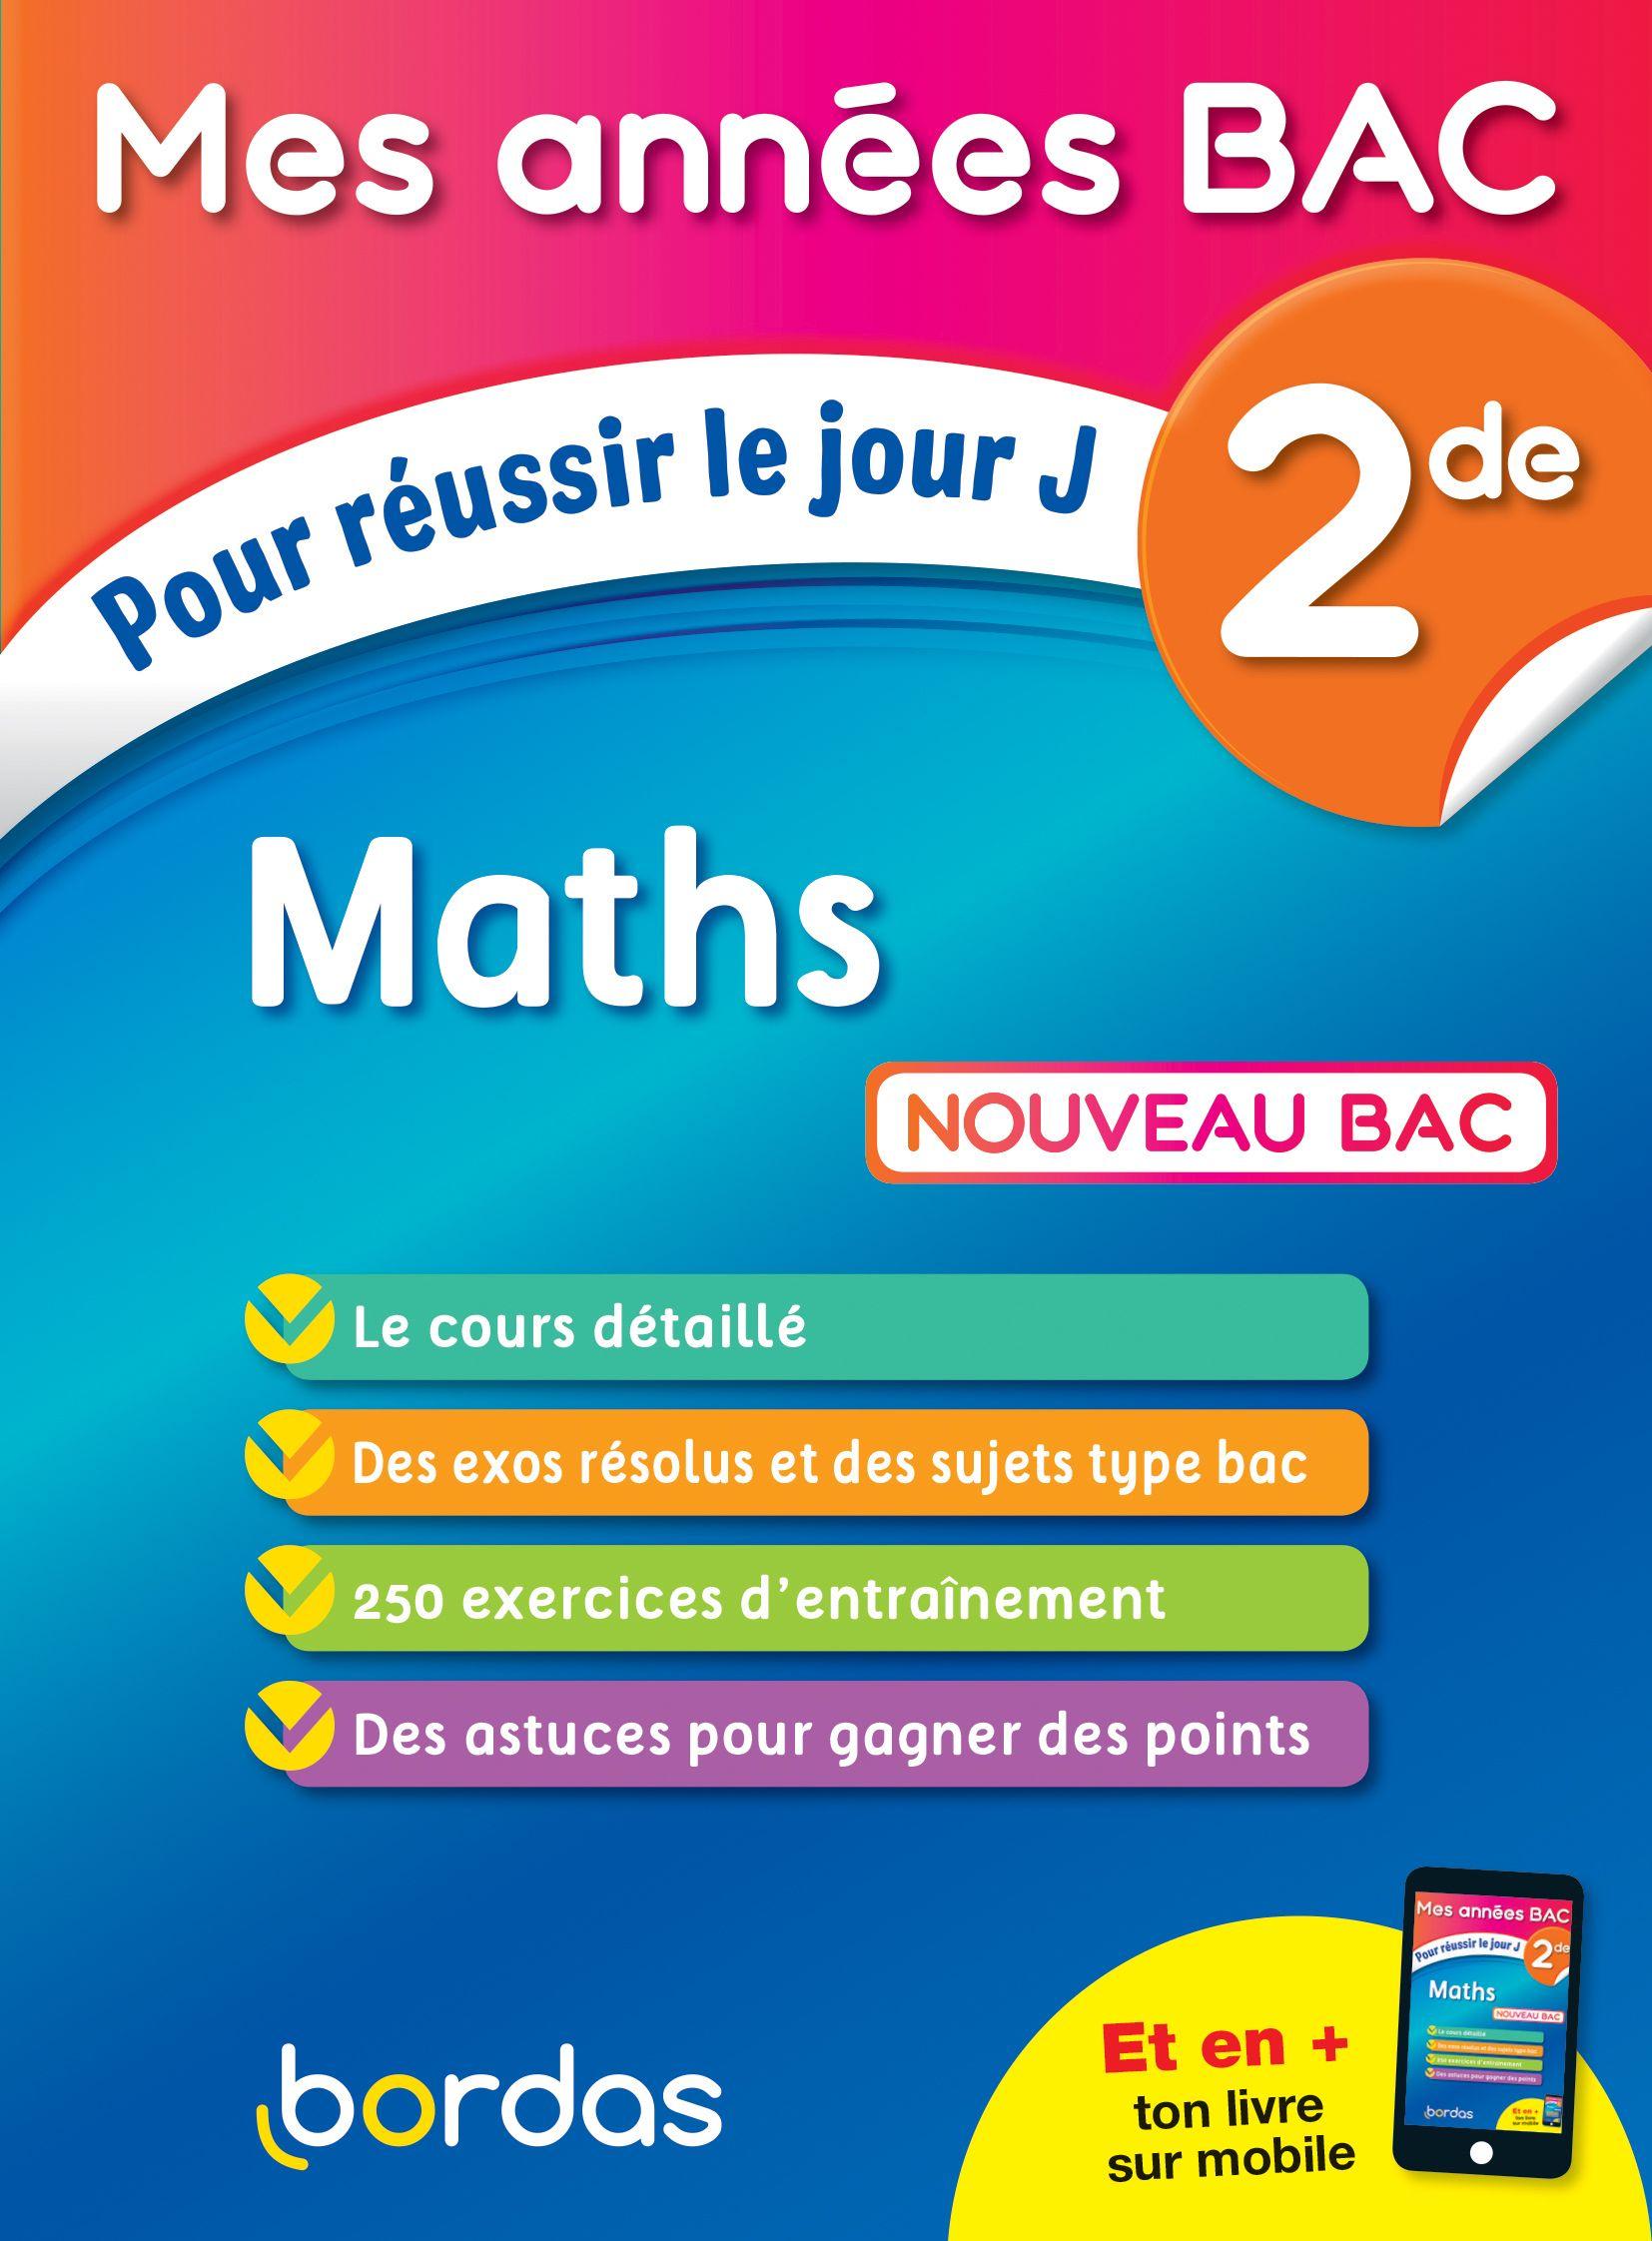 Cours Et Exercices Maths 2de Mes Annees Bac Bac Maths Philosophie Terminale Sujet Bac